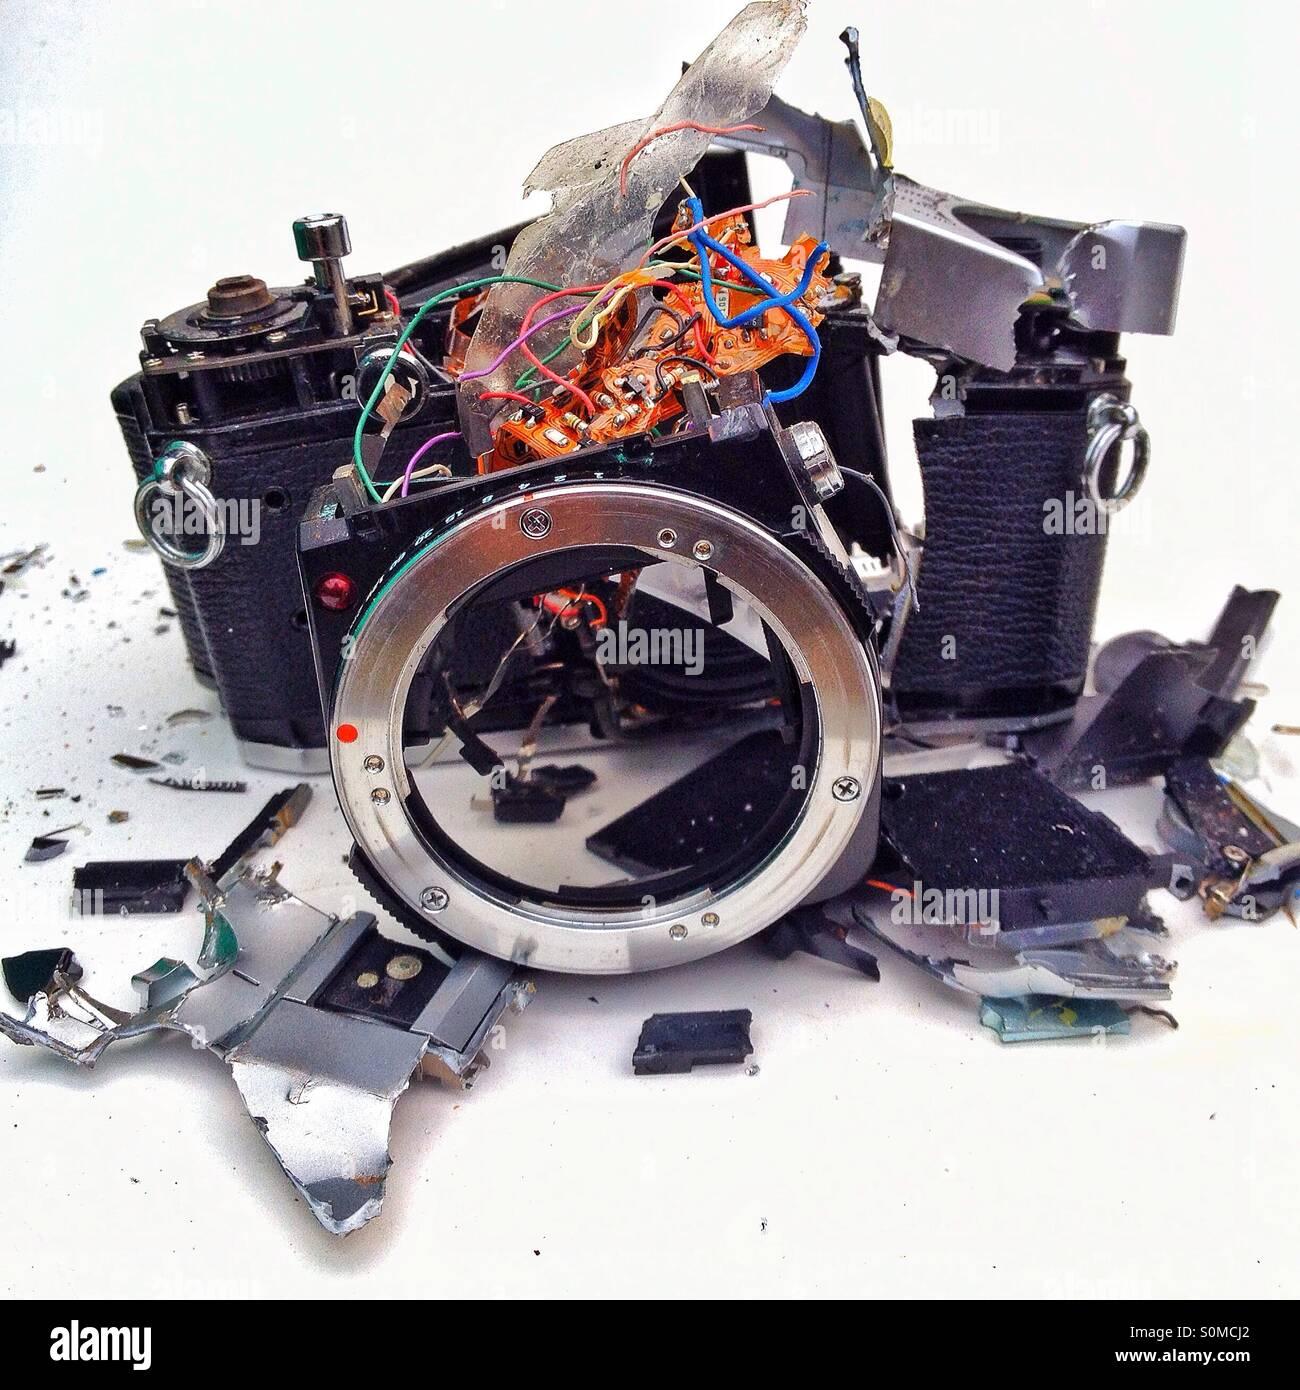 Smashed Olympus SLR film camera - Stock Image